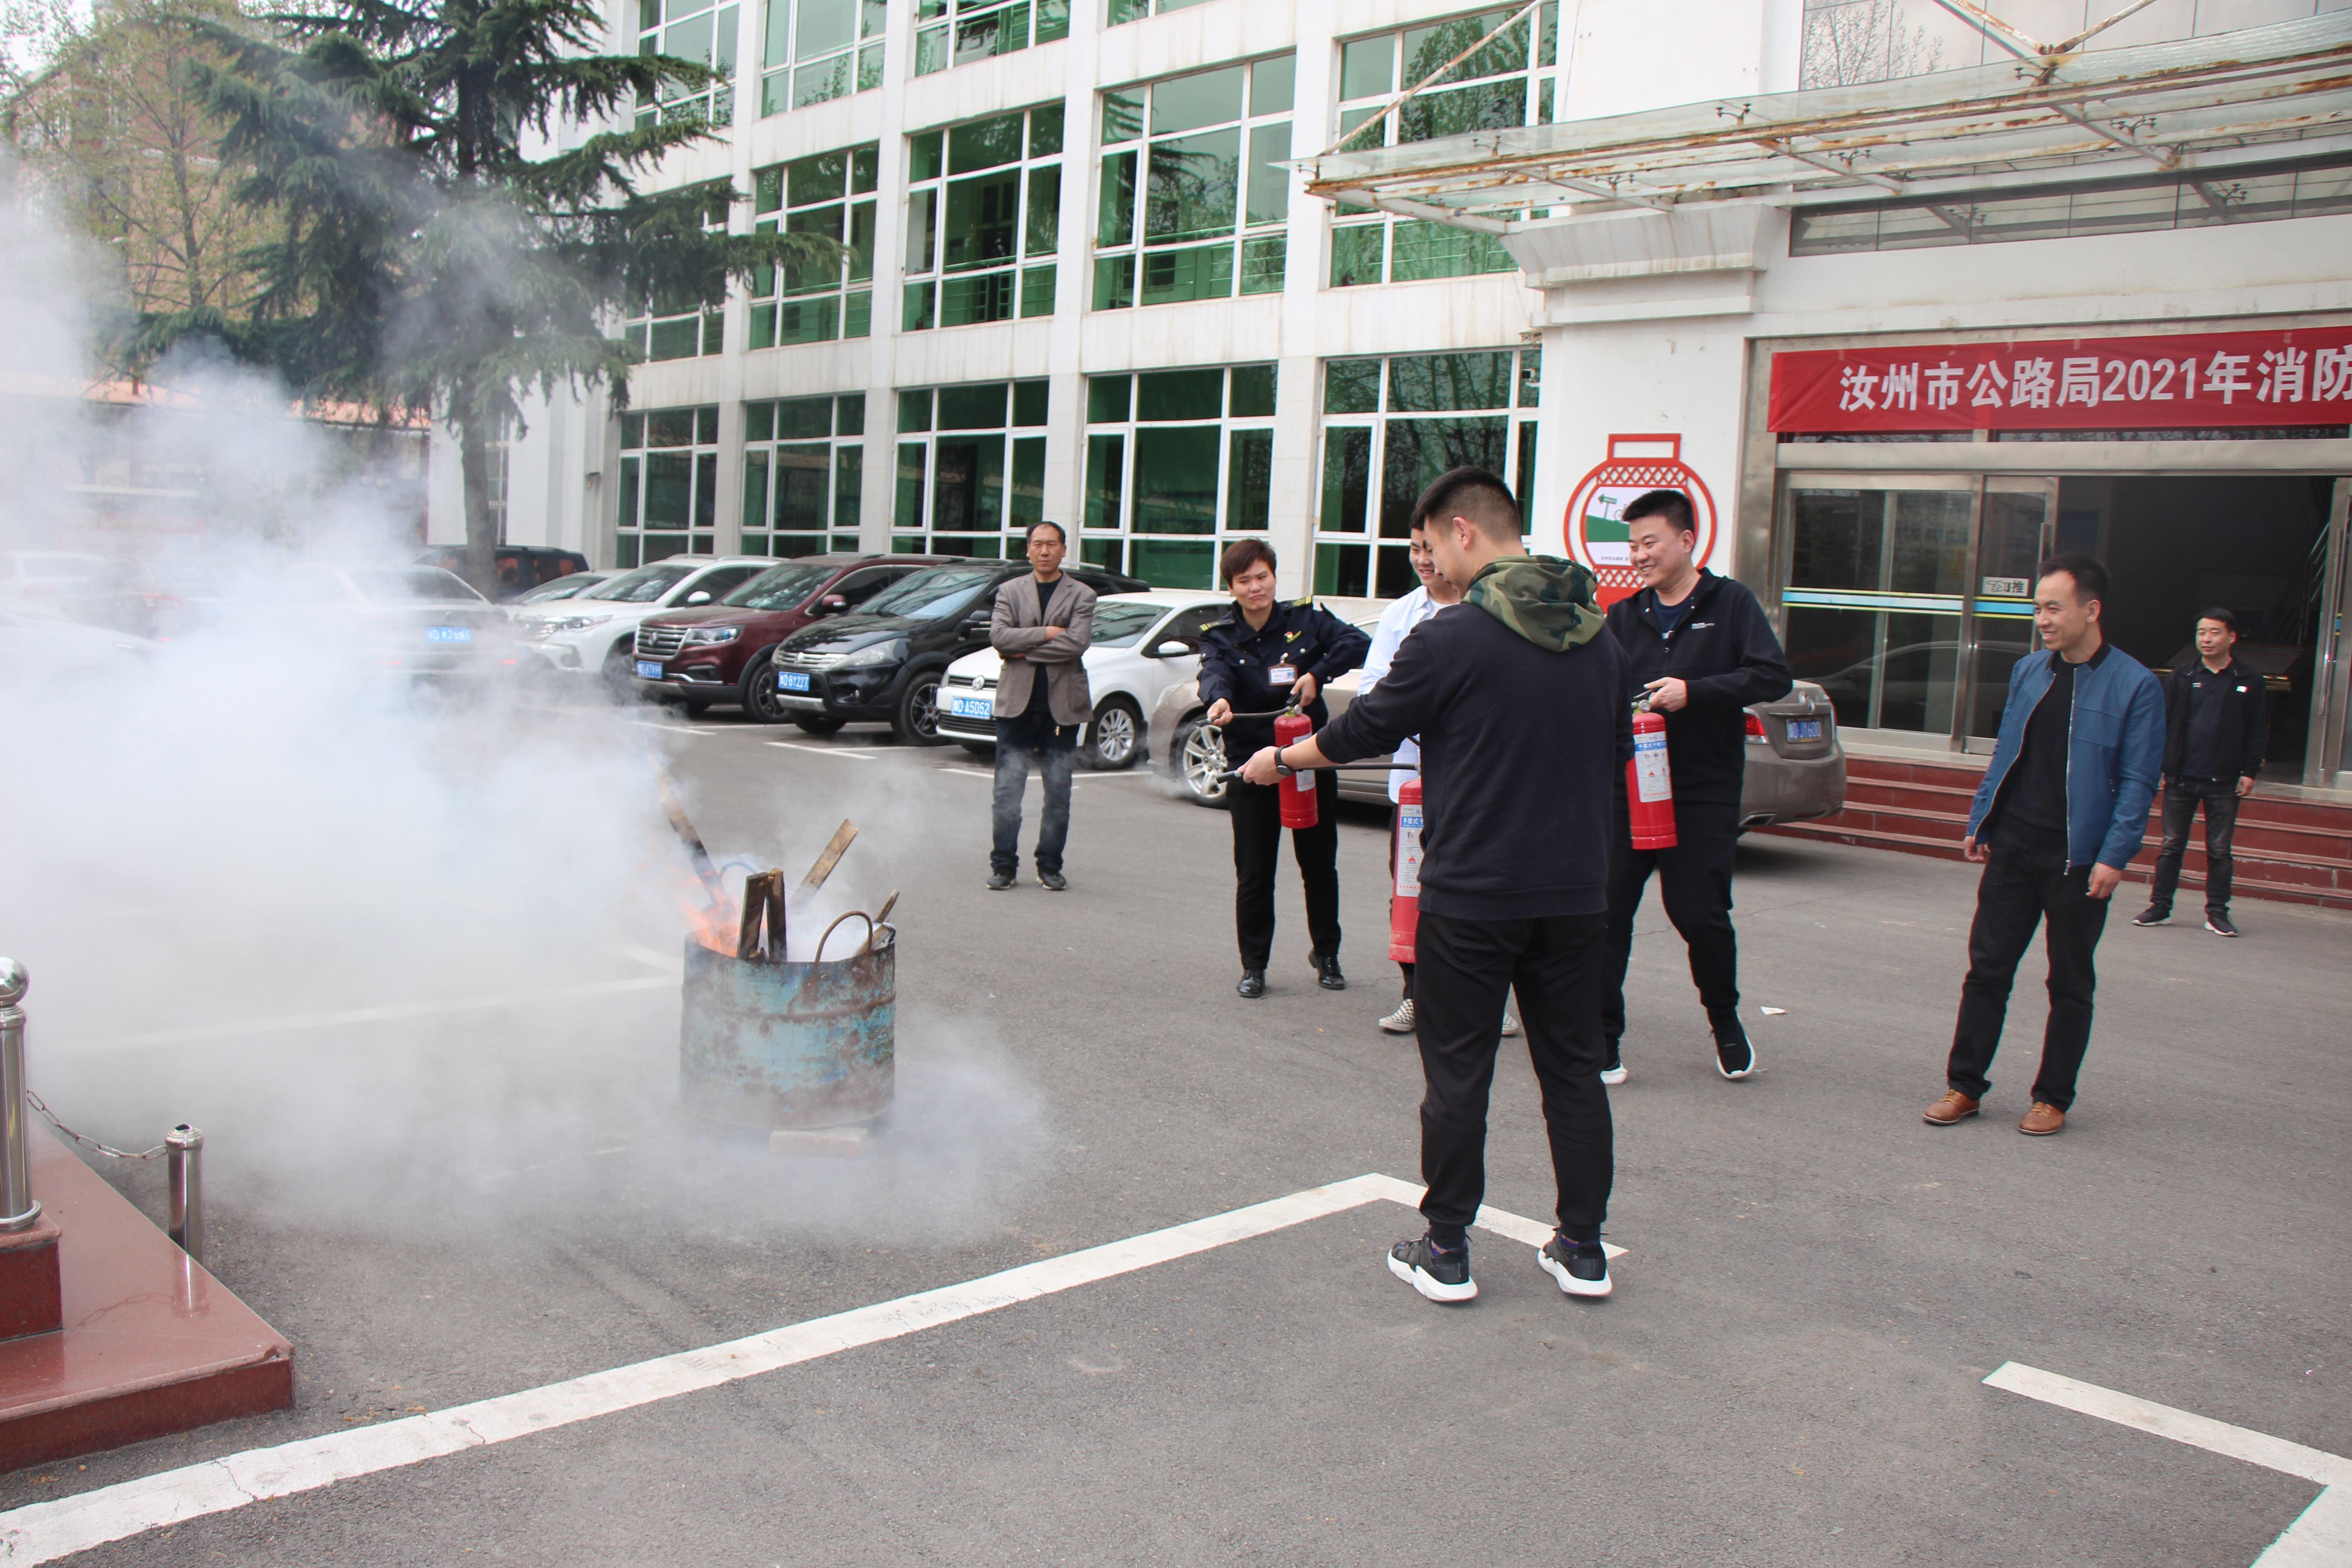 公路管理局开展消防知识培训3.jpg